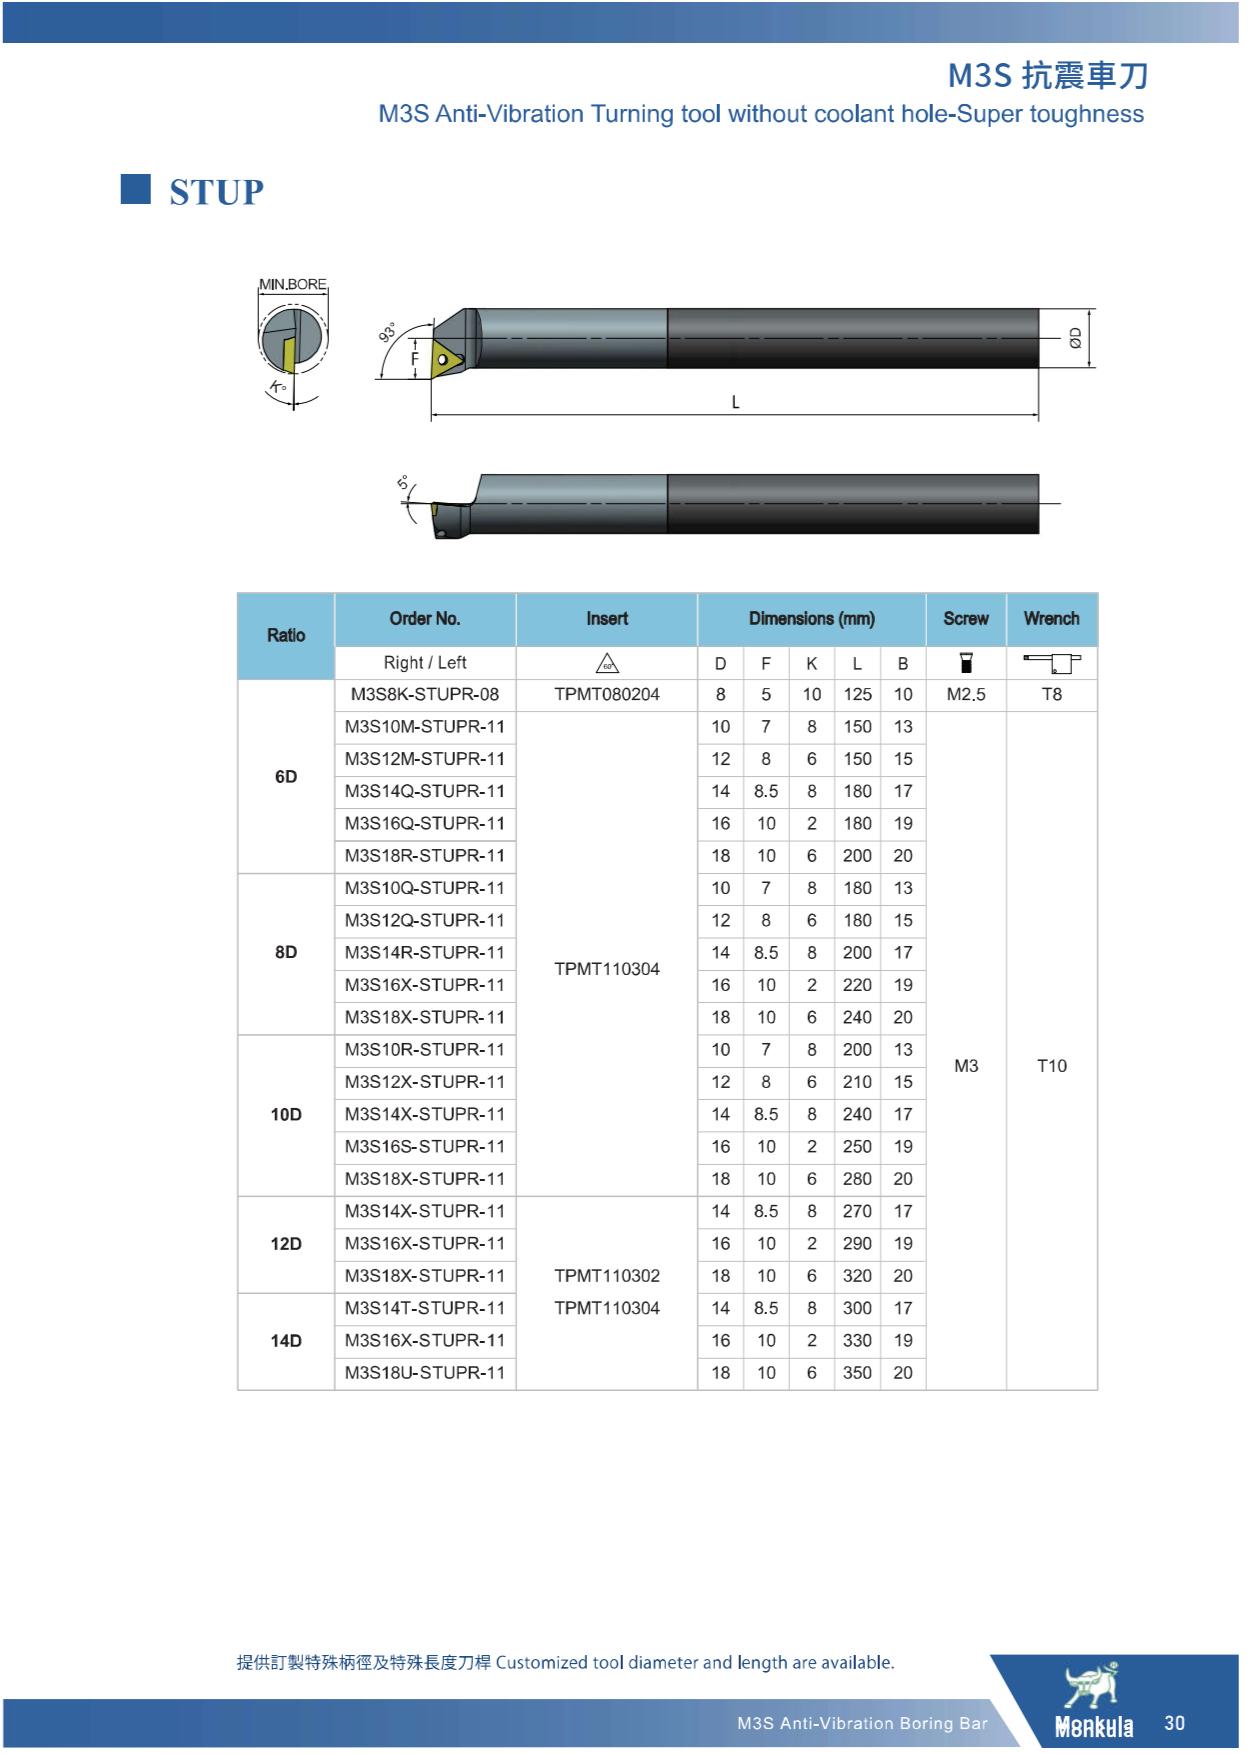 Cán Dao Tiện Móc Lỗ Chống Rung Monkula M3S Series 5